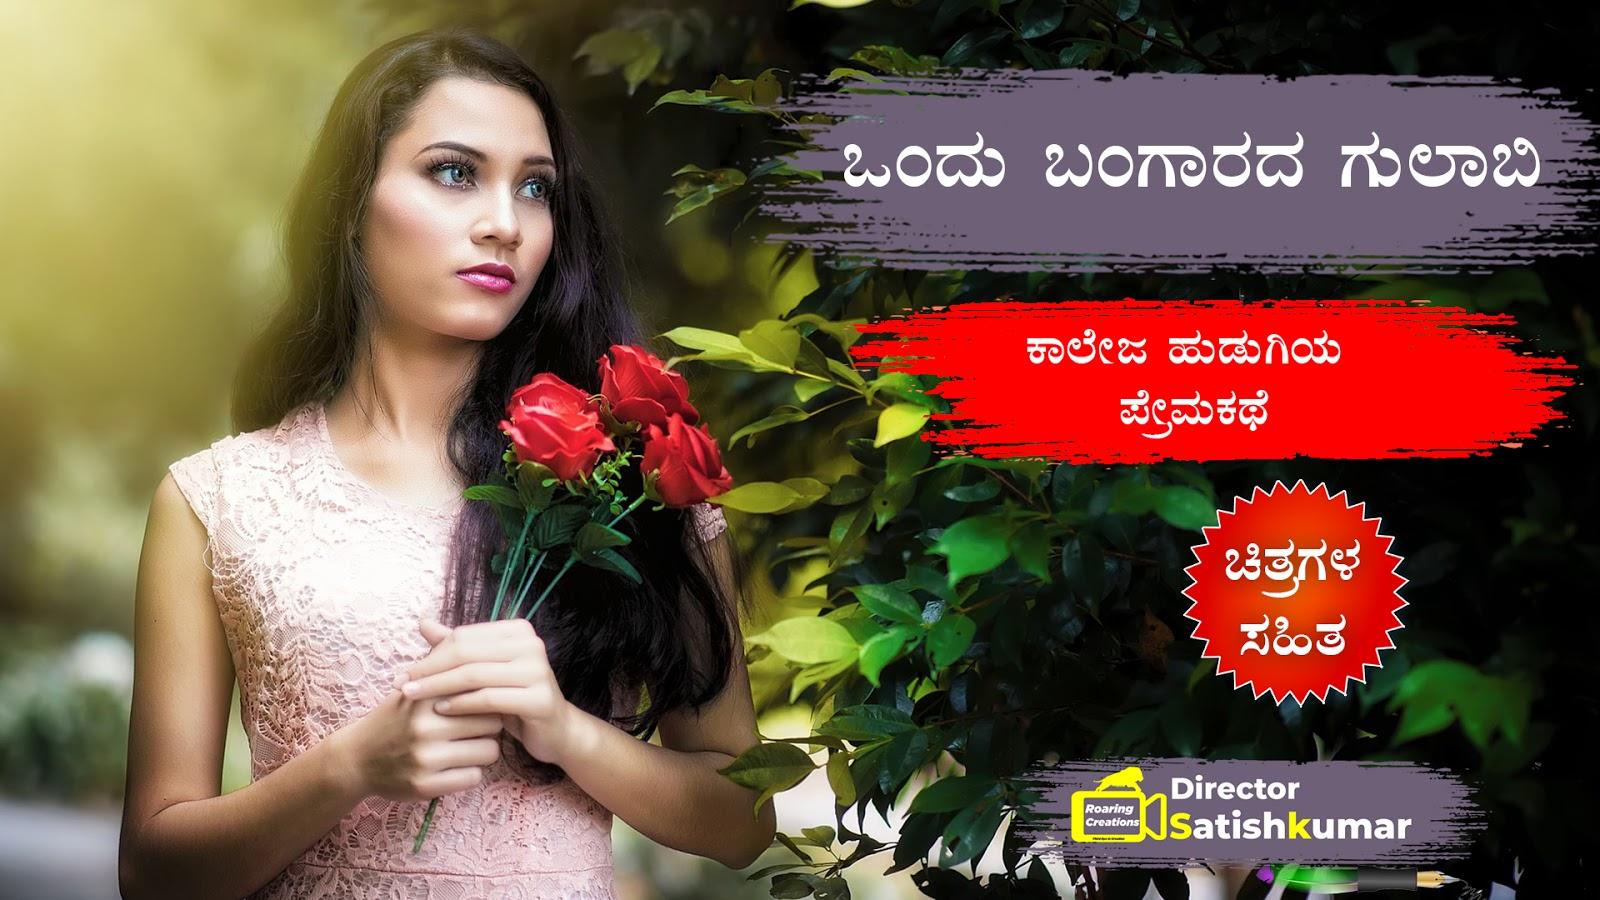 ಒಂದು ಬಂಗಾರದ ಗುಲಾಬಿ - ಕಾಲೇಜ ಹುಡುಗಿಯ ಪ್ರೇಮಕಥೆ   One Golden Rose - Love Story of Indian College Girl in Kannada - ಕನ್ನಡ ಕಥೆ ಪುಸ್ತಕಗಳು - Kannada Story Books -  E Books Kannada - Kannada Books